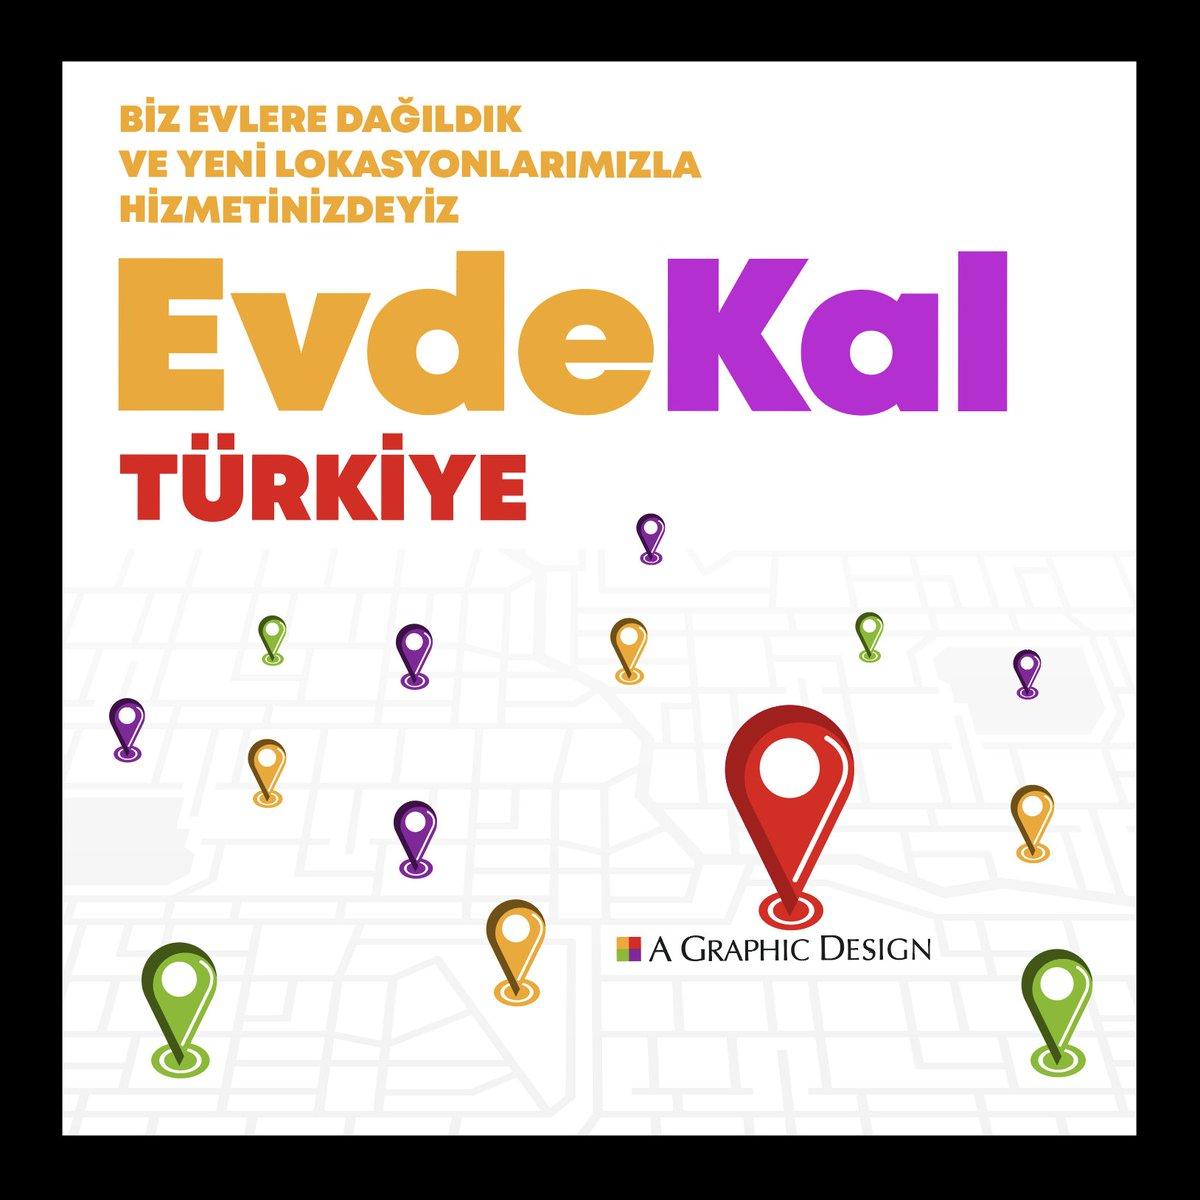 Biz evlere dağıldık ve yeni lokasyonlarımızla hizmetinizdeyiz. #evdekal Türkiye! https://t.co/FikrxXIwJU